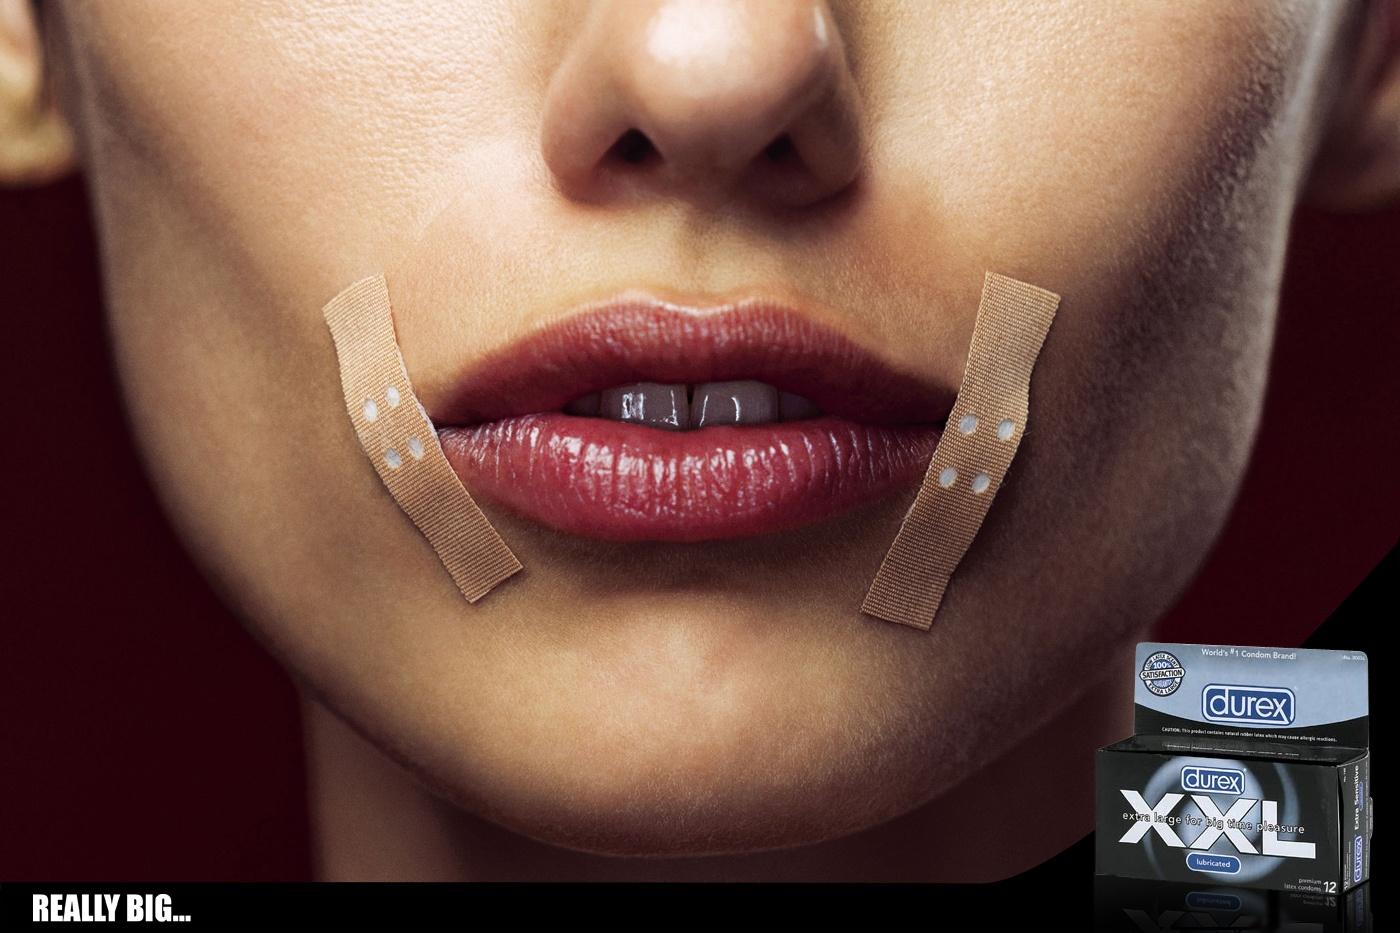 ¿Qué puede hacer la publicidad para combatir los estereotipos machistas? Durex, Símbolo Ingenio Creativo.